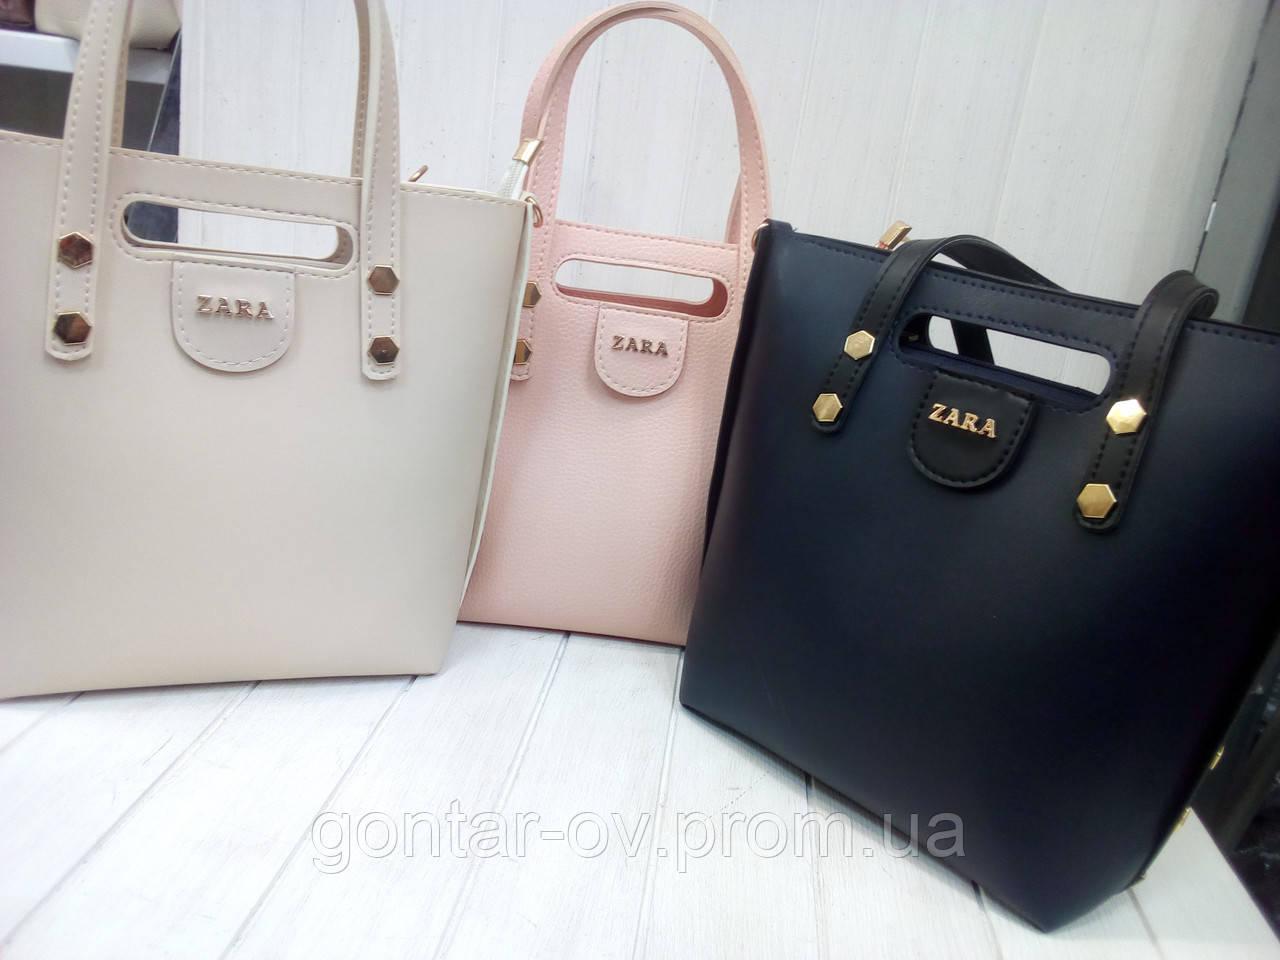 Женская сумка ZARA беж